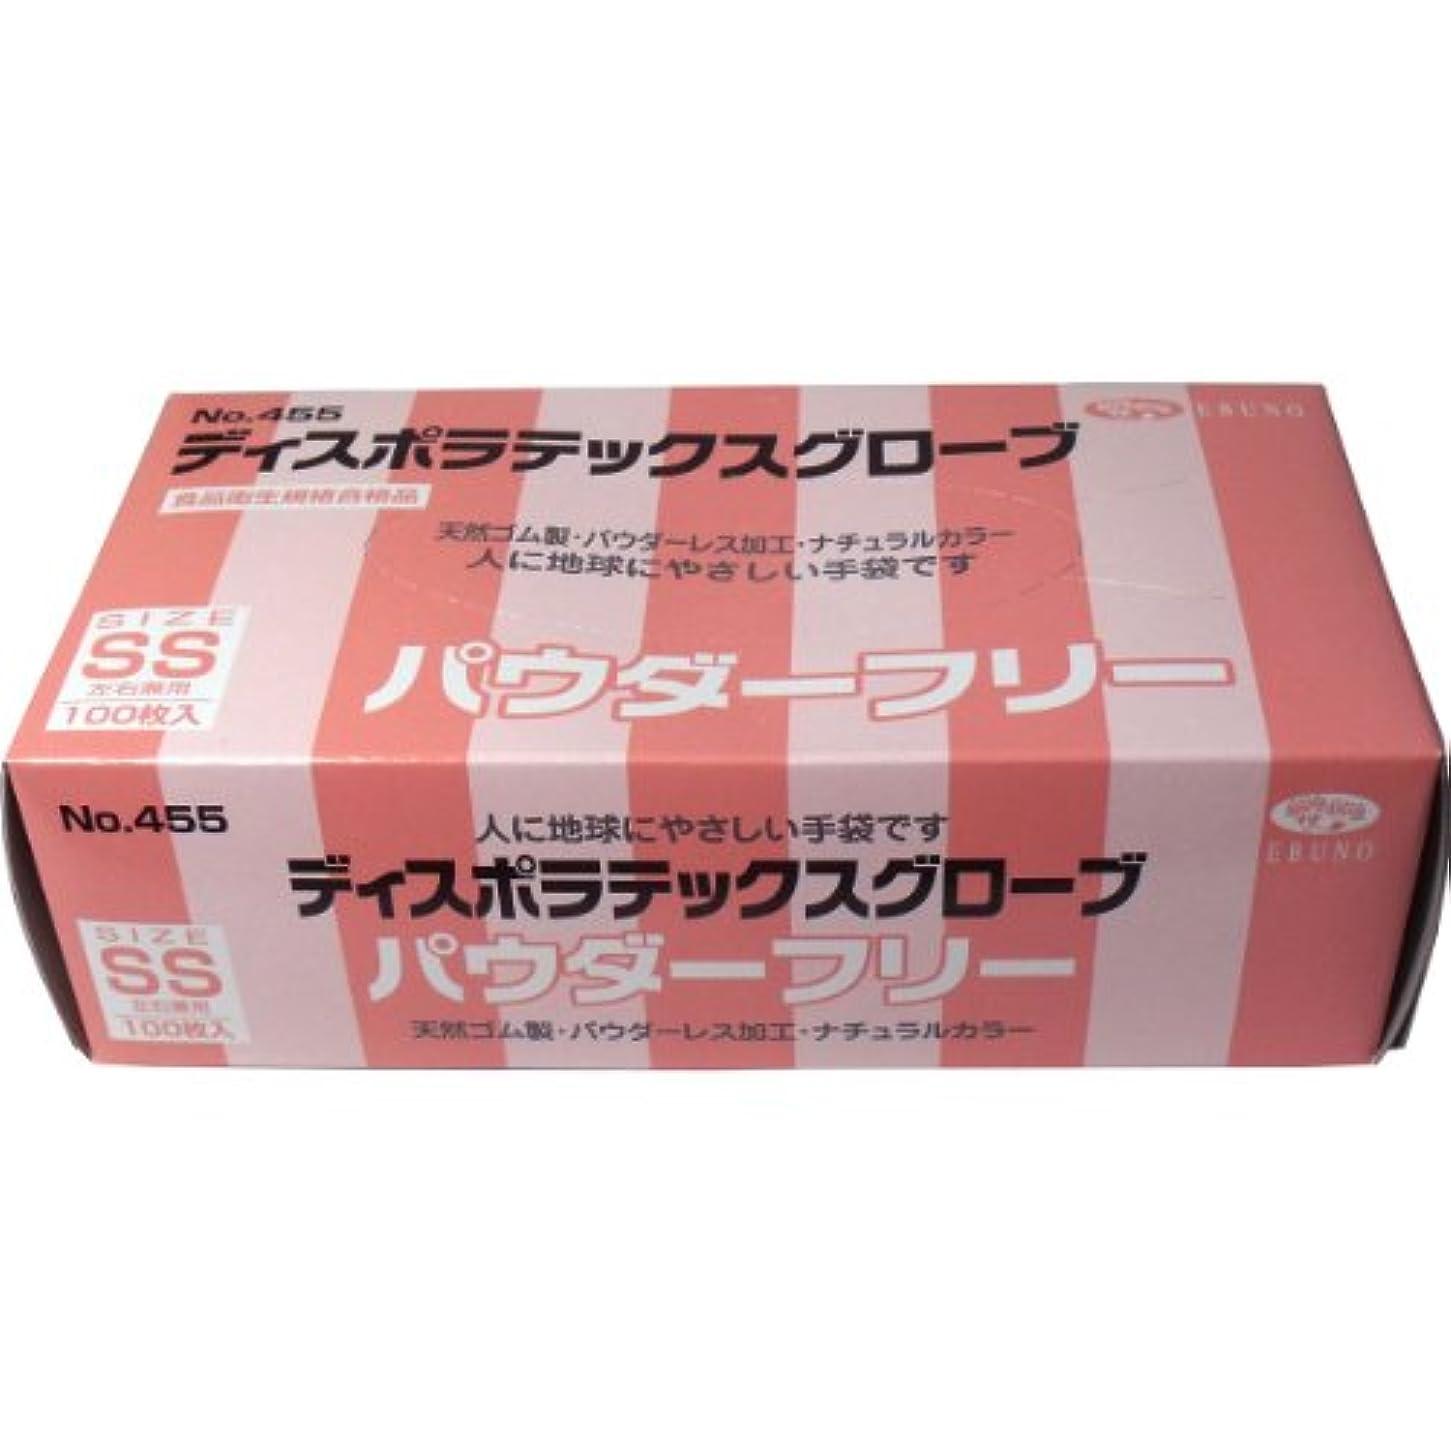 ディスポ ラテックスグローブ(天然ゴム手袋) パウダーフリー SSサイズ 100枚入×10個セット